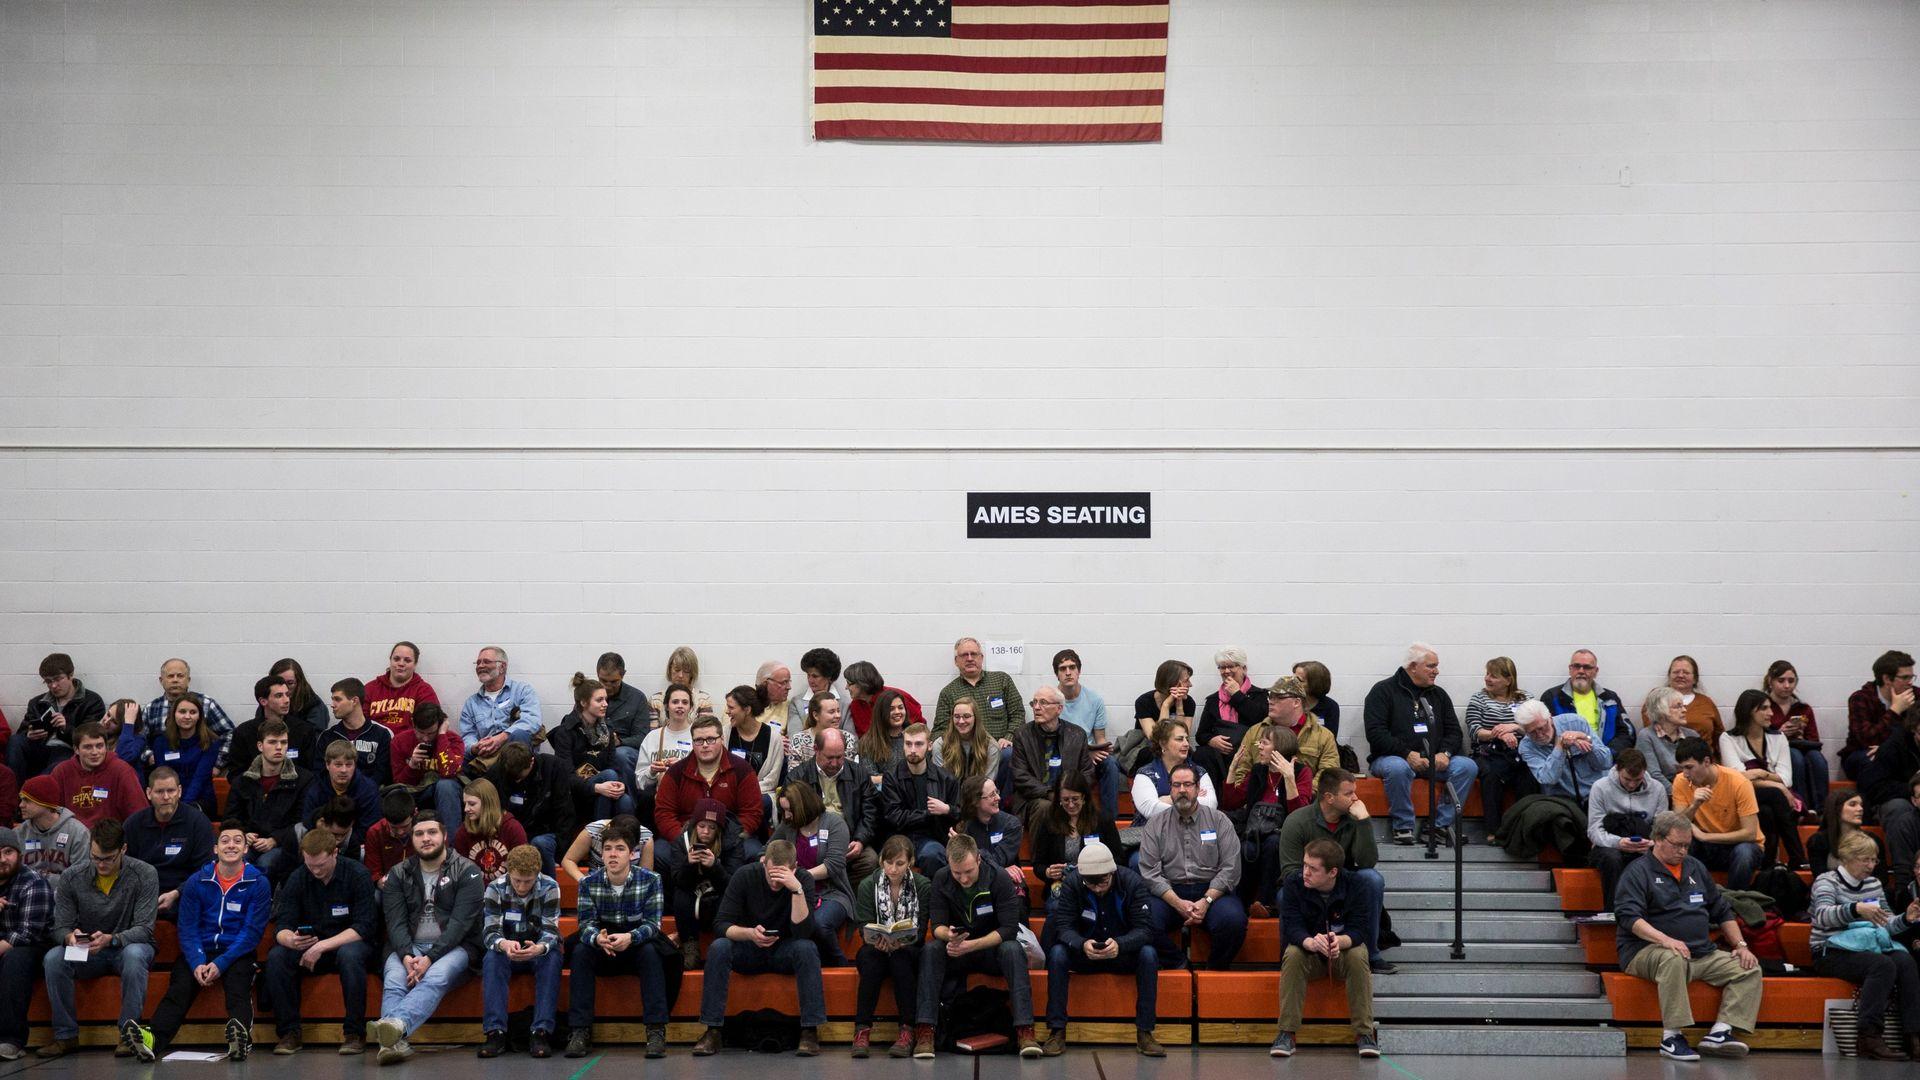 Iowa Caucus voters in 2016